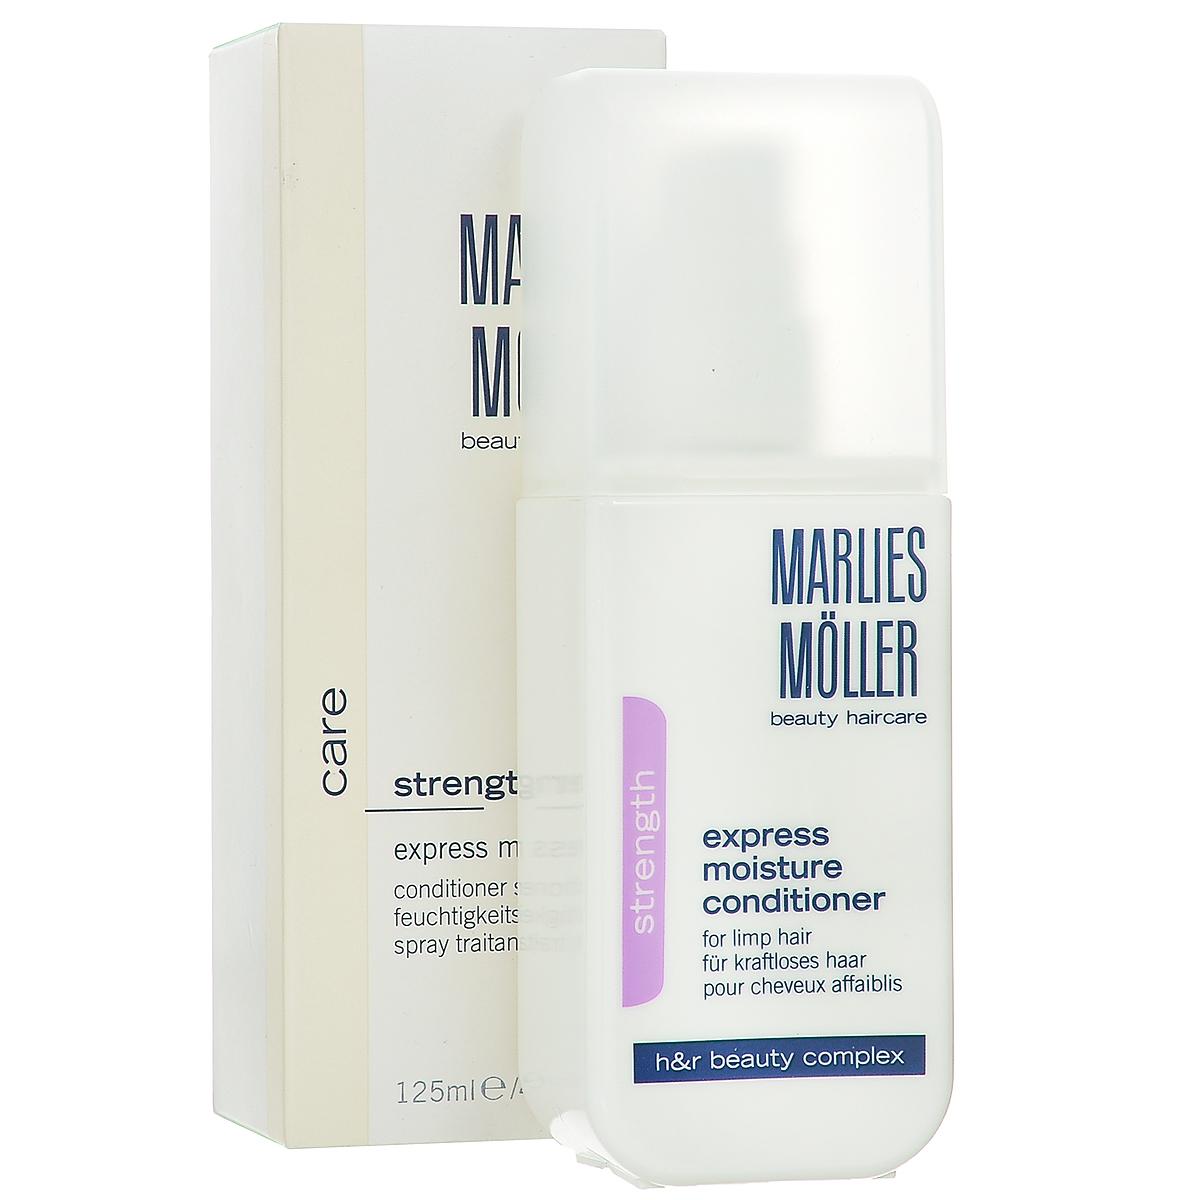 Marlies Moller Кондиционер-спрей для волос Strength, увлажняющий, 125 мл